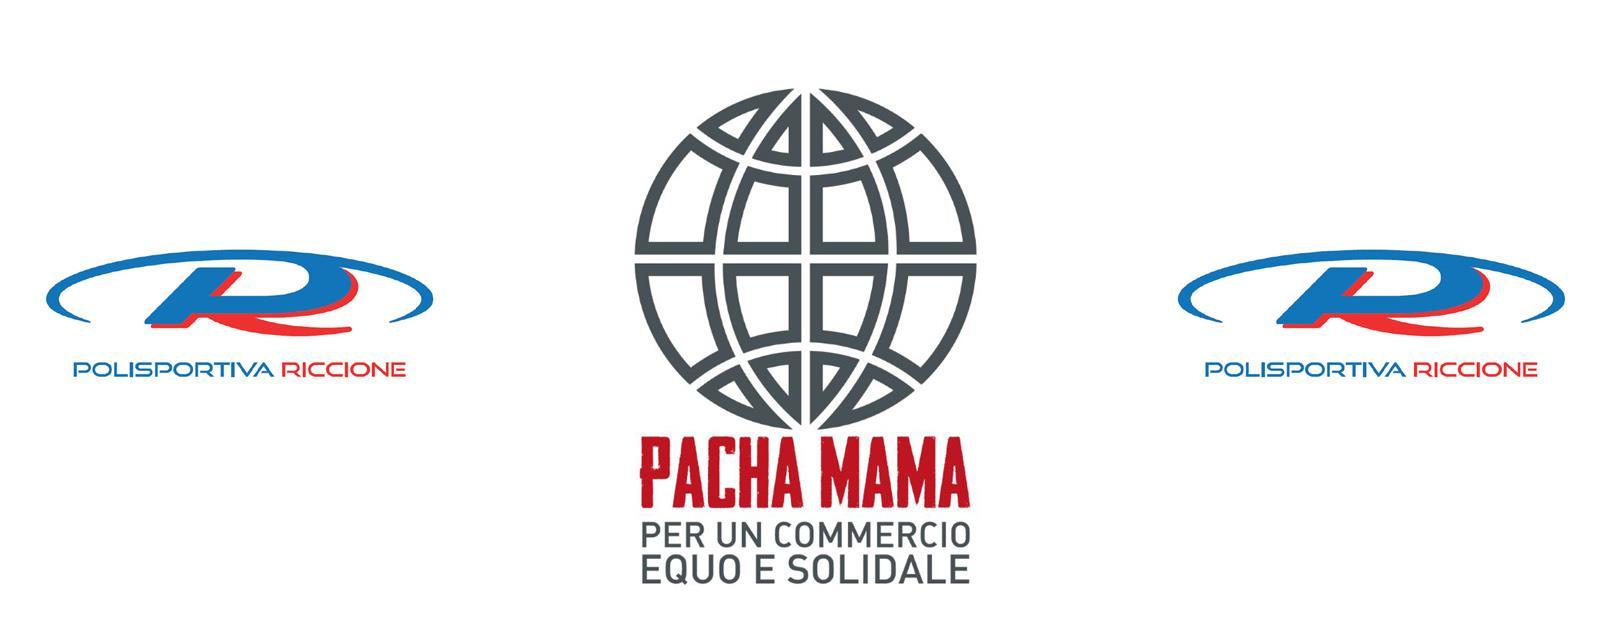 La Polisportiva Riccione abbraccia Pacha Mama